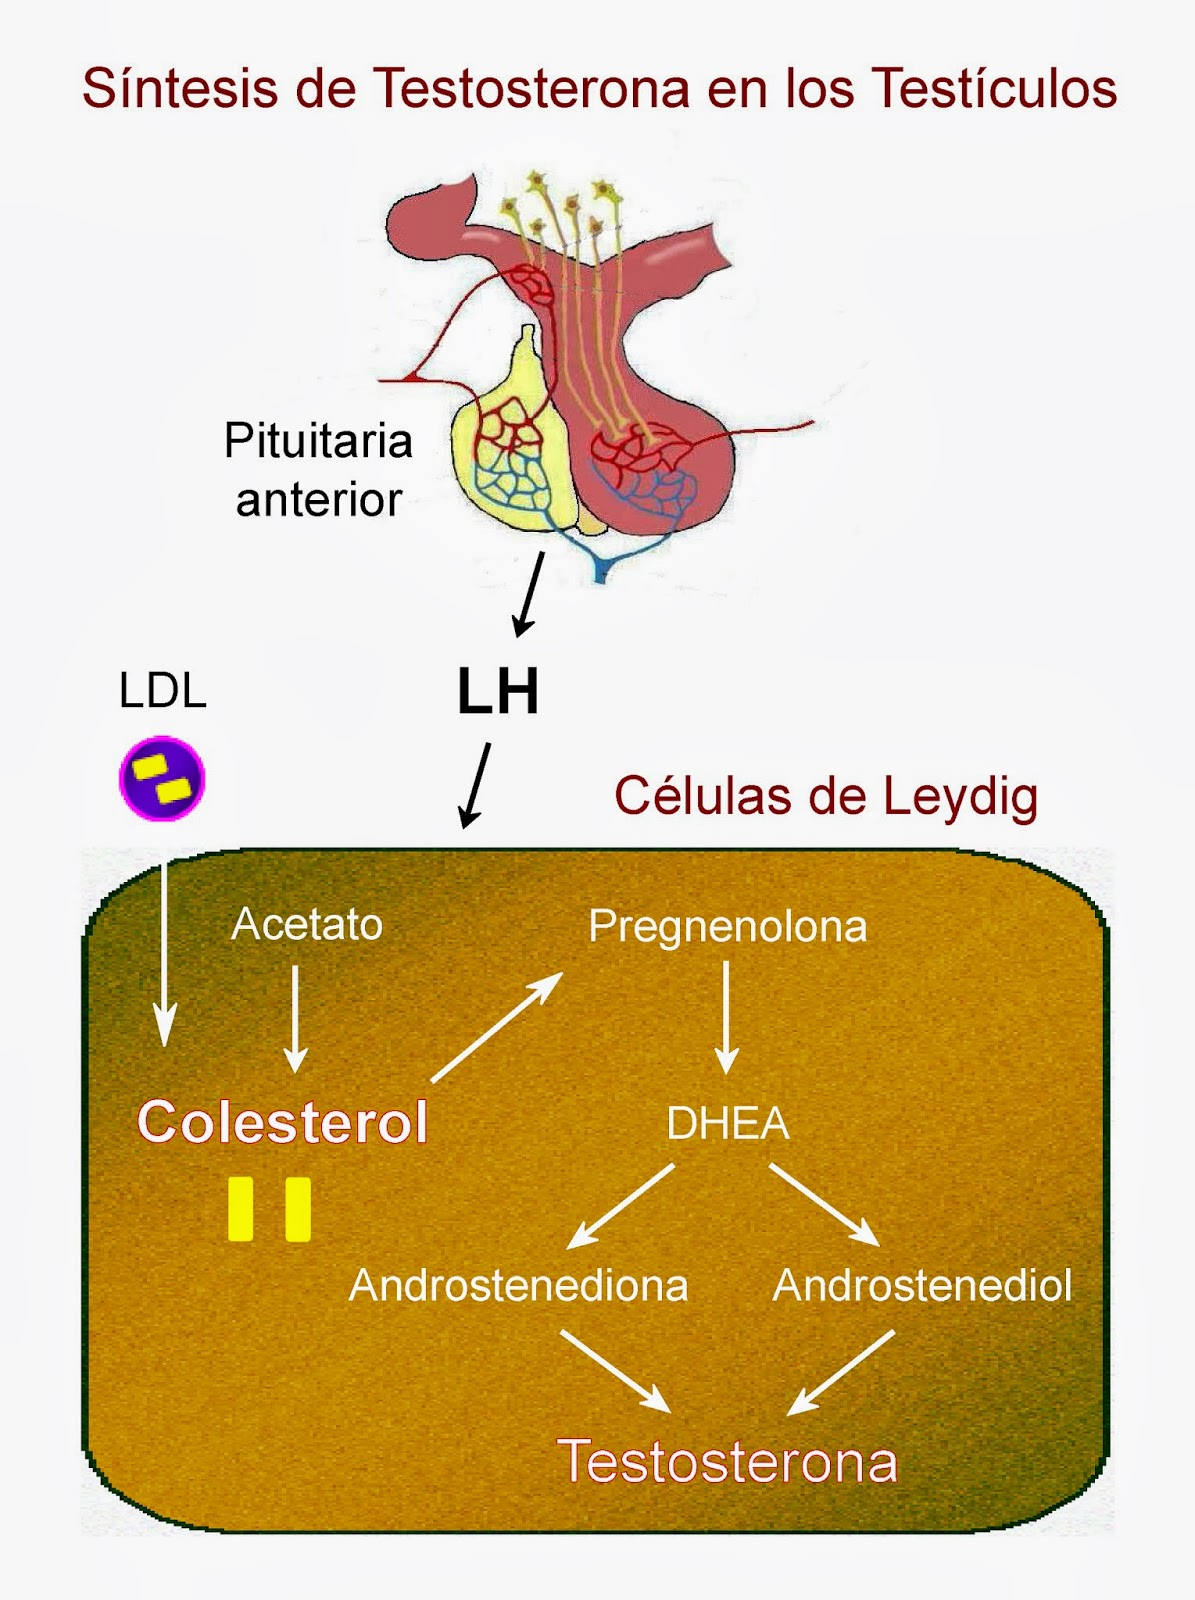 La testosterona y otros andrógenos se sintetizan en las células de Leydig de los testículos